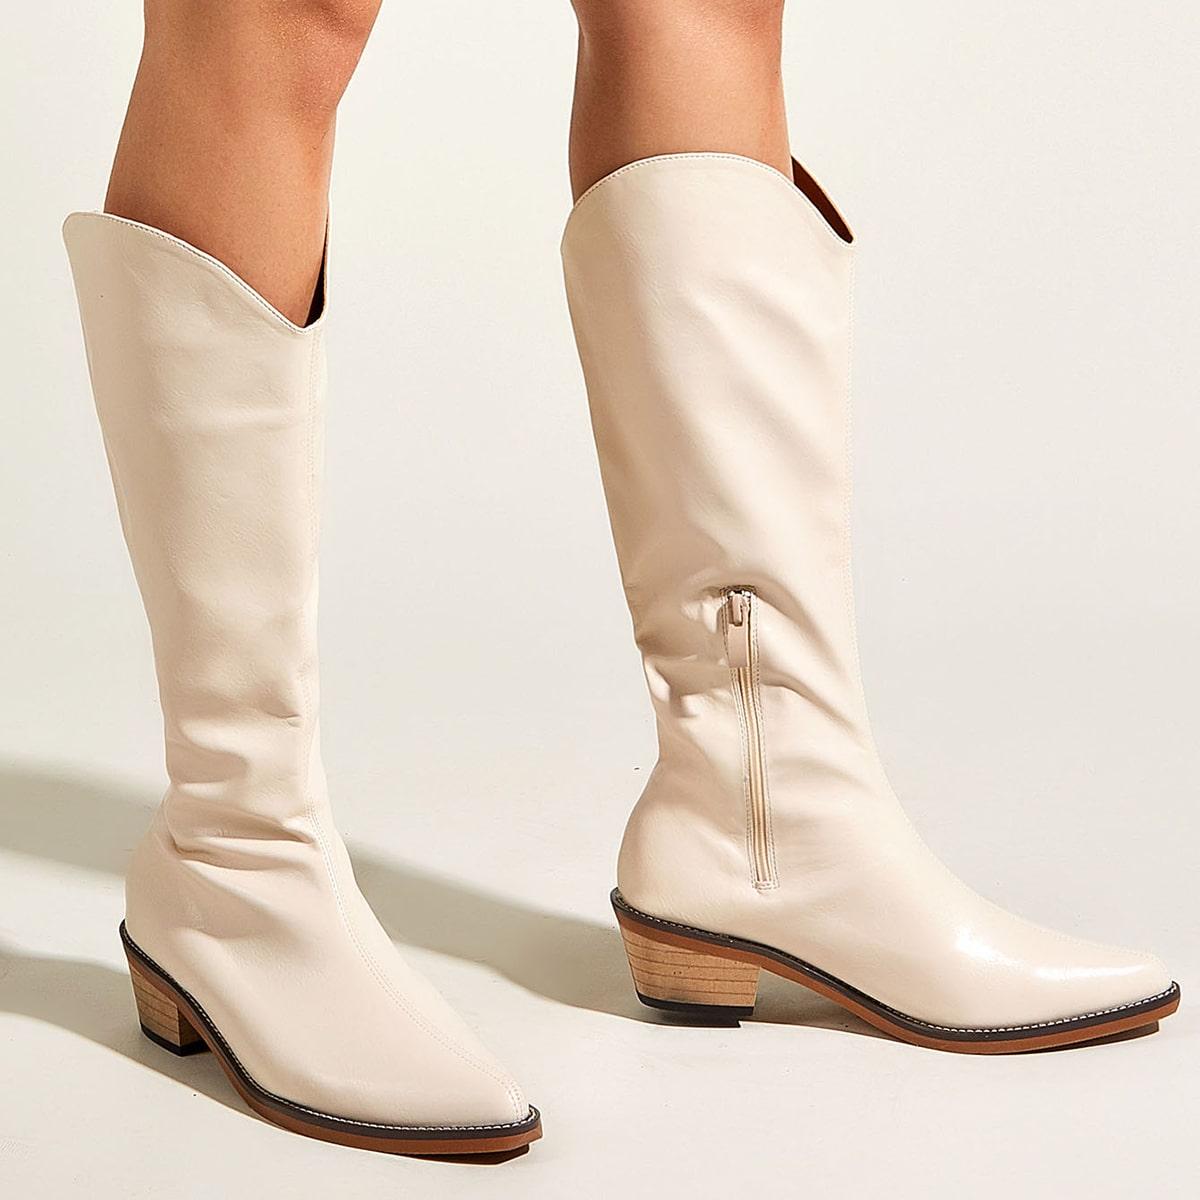 SHEIN / Minimalistischer Stiefel mit seitlichem Reißverschluss